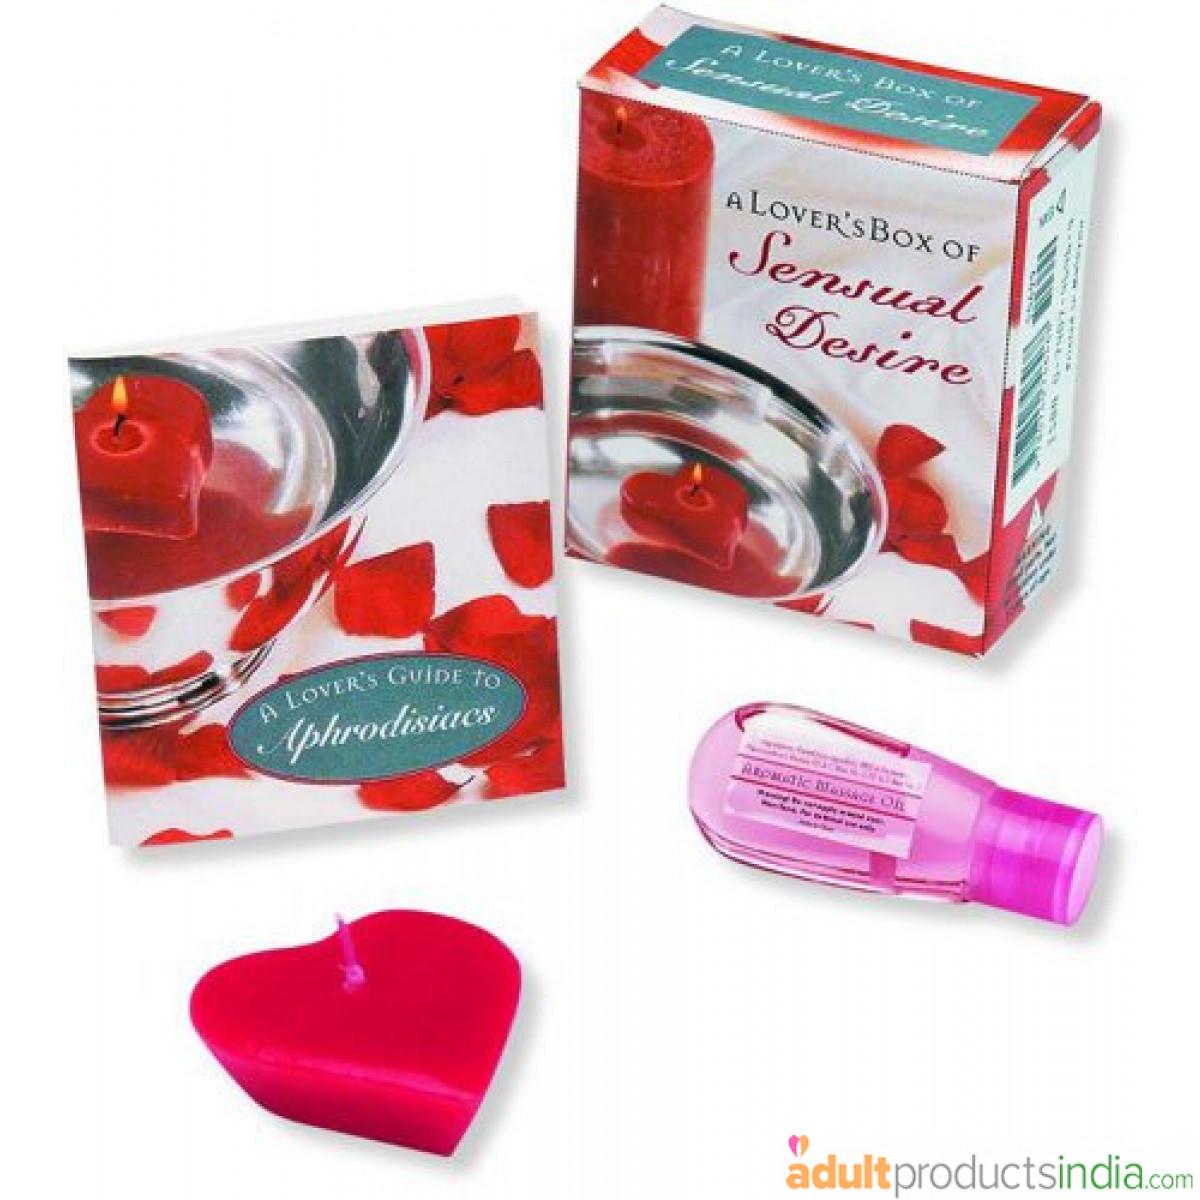 Lover's Box of Sensual Desire